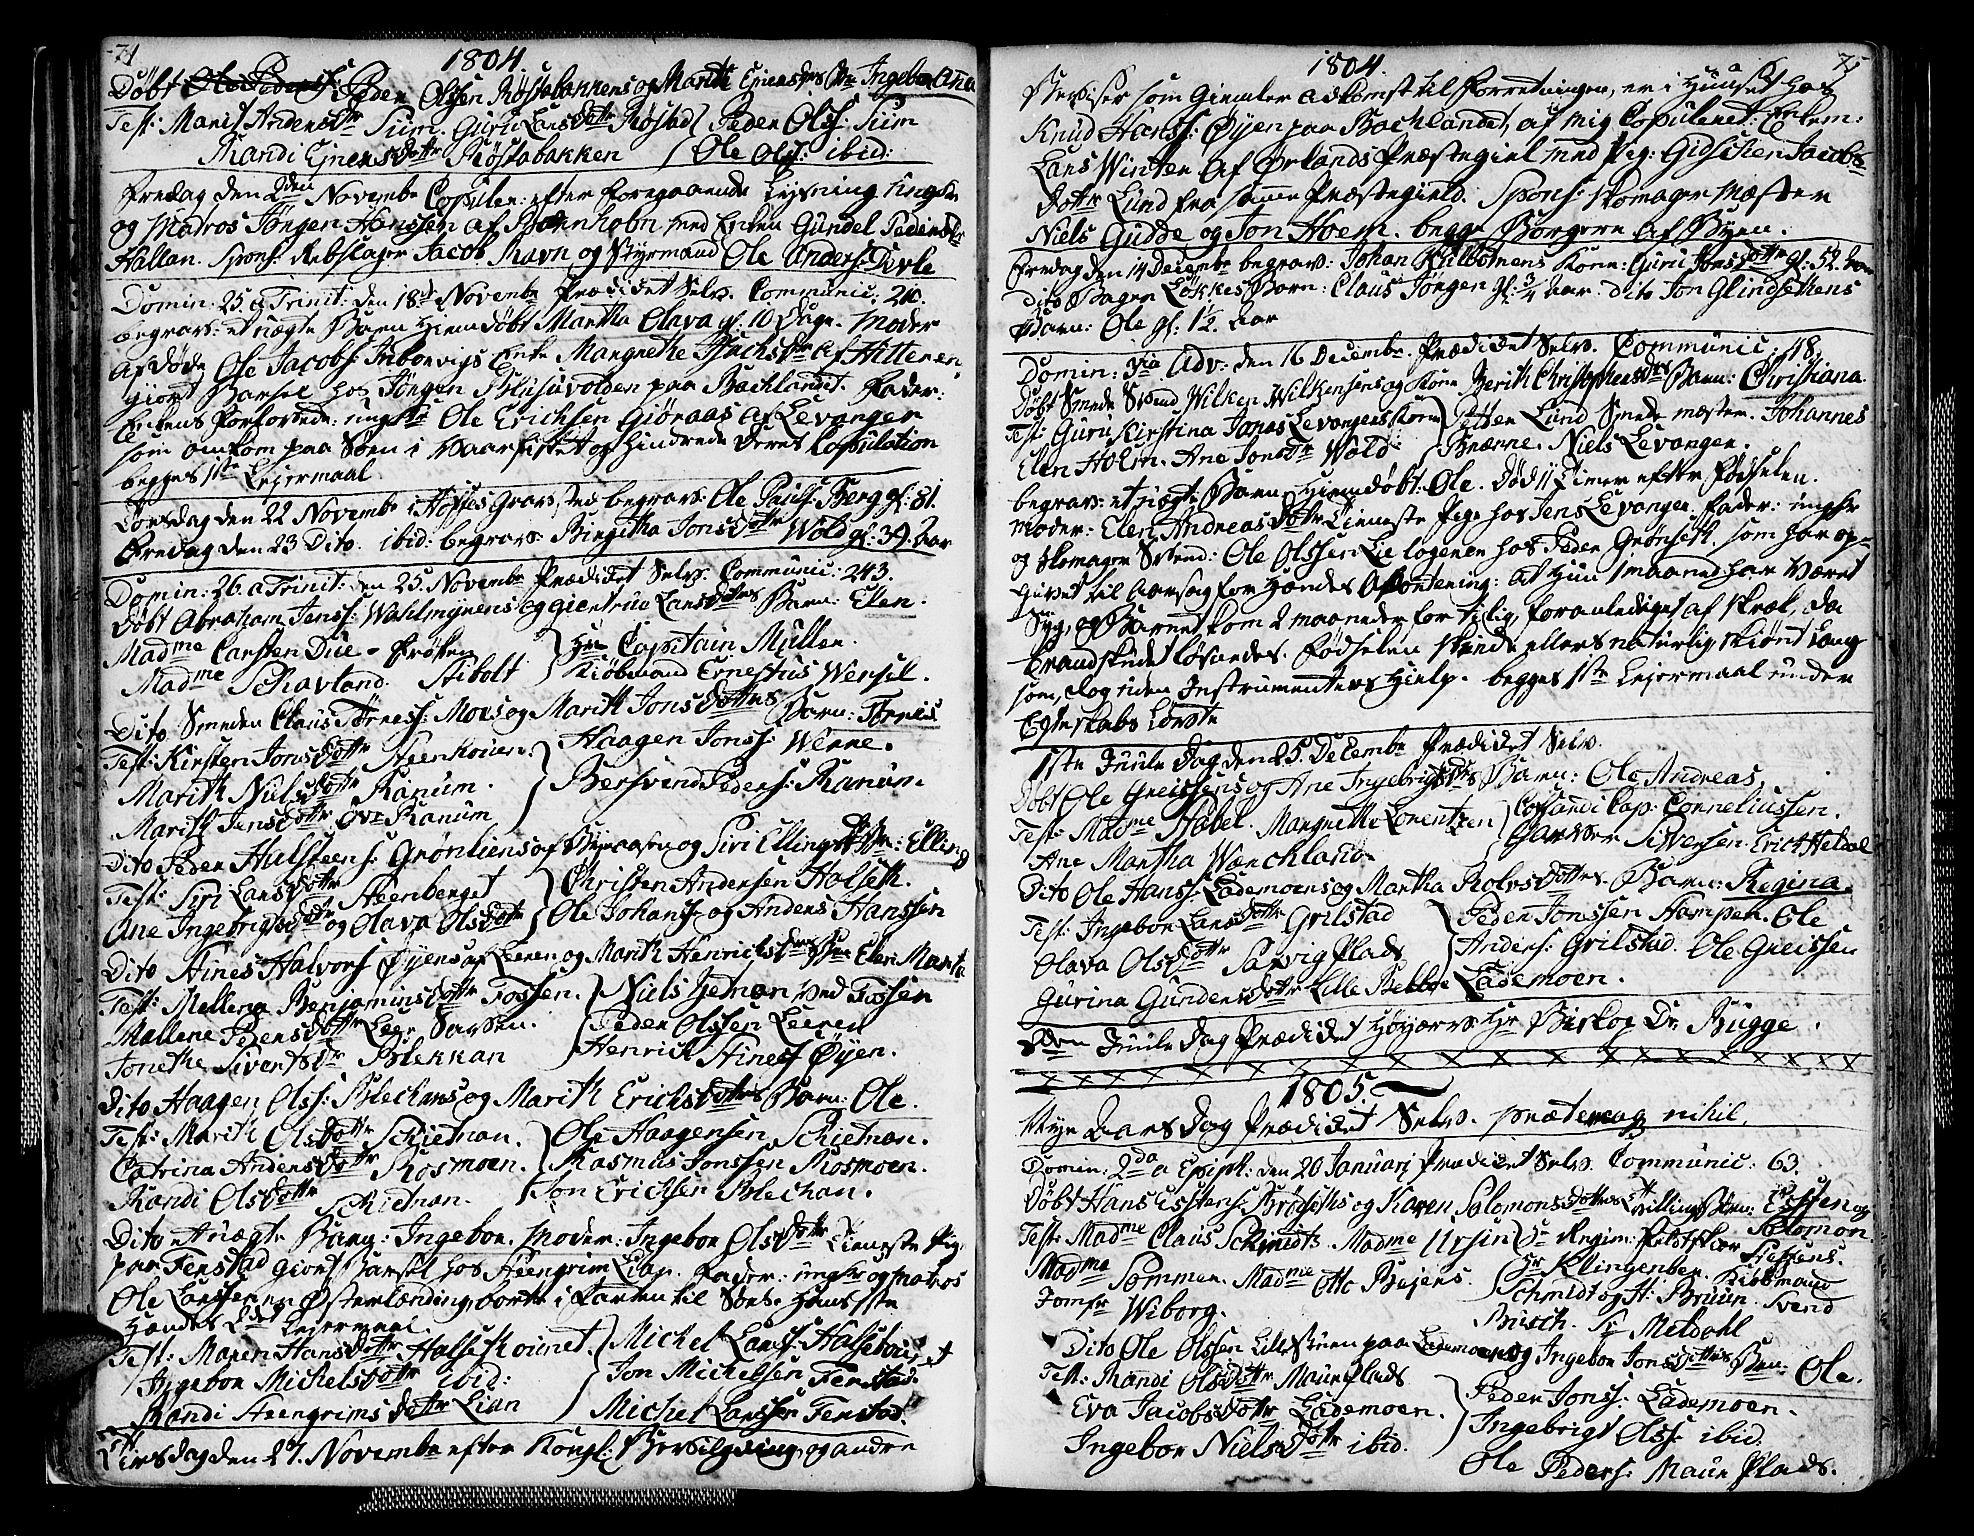 SAT, Ministerialprotokoller, klokkerbøker og fødselsregistre - Sør-Trøndelag, 604/L0181: Ministerialbok nr. 604A02, 1798-1817, s. 74-75